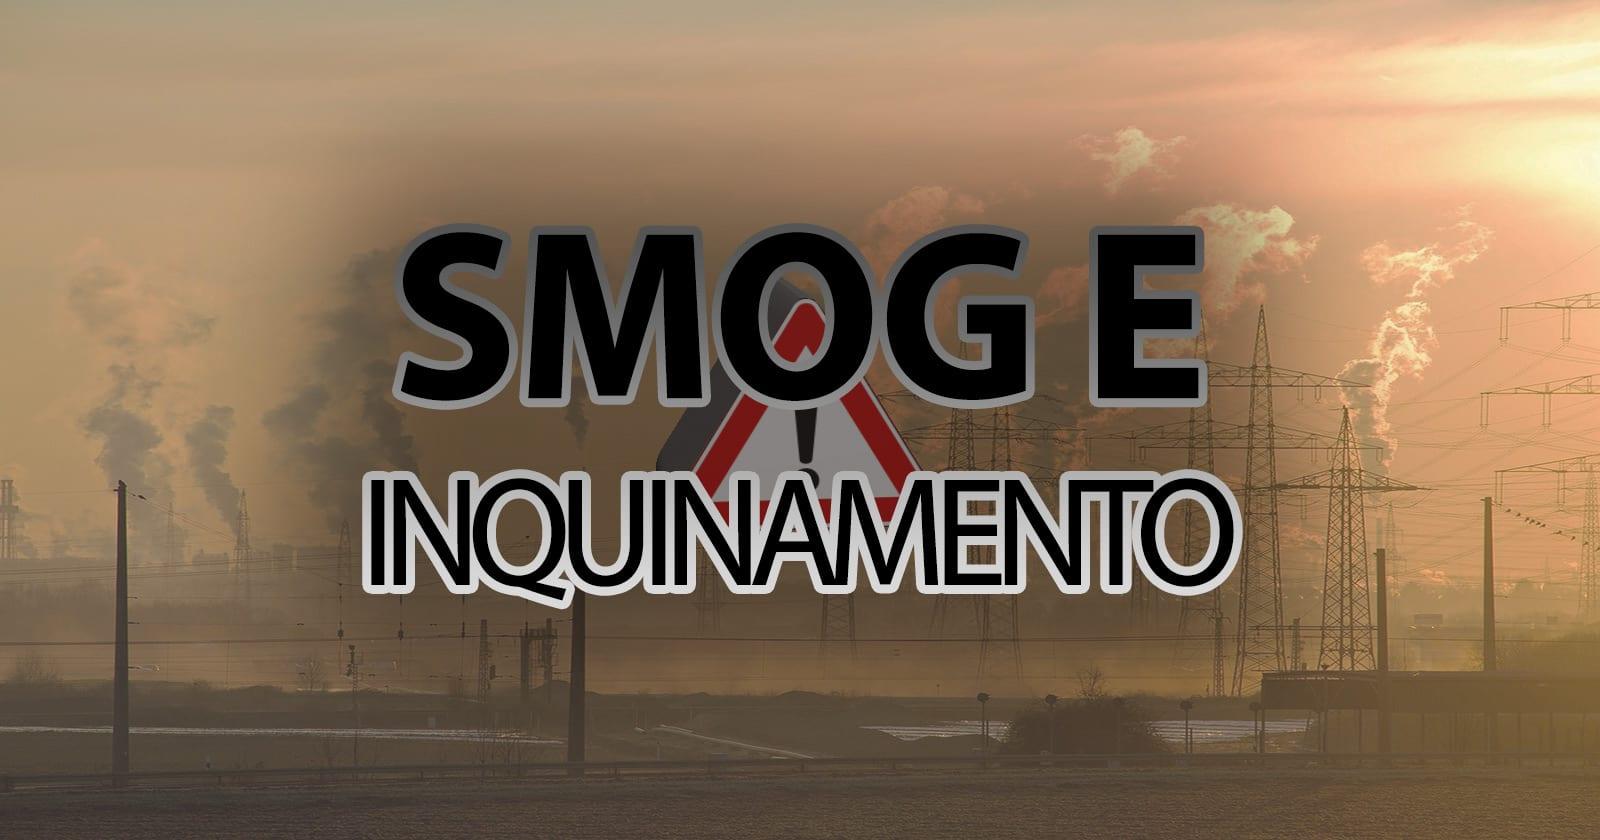 Smog e inquinamento previsto per i prossimi giorni - Centro Meteo Italiano